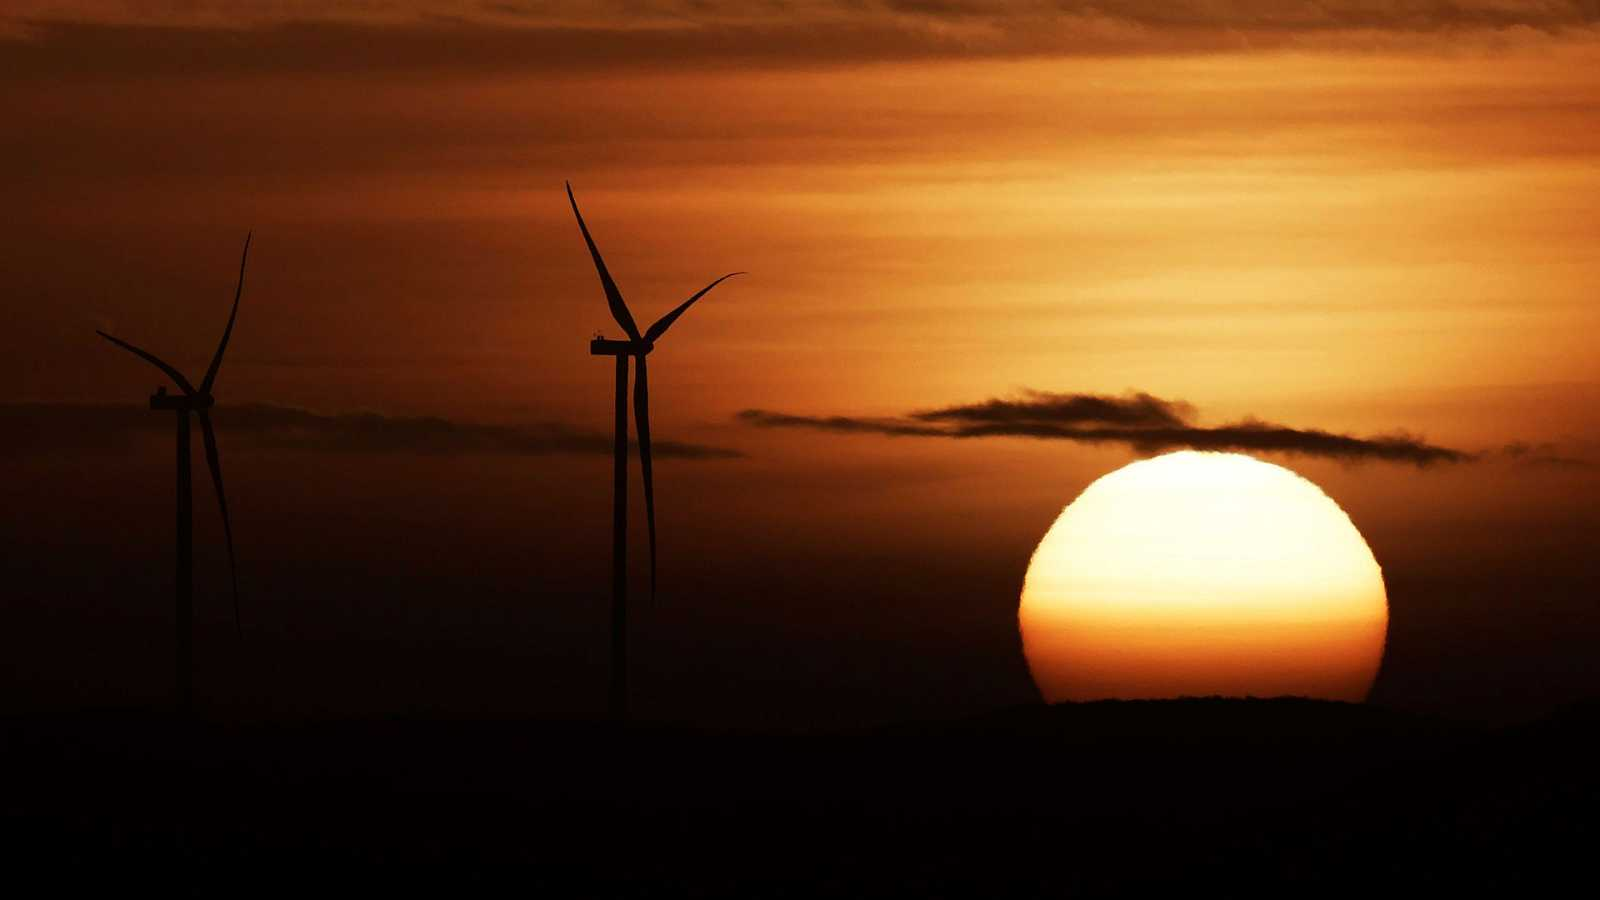 Intervalos de viento fuerte en Canarias, litoral gallego y litoral de Andalucía oriental - Ver ahora